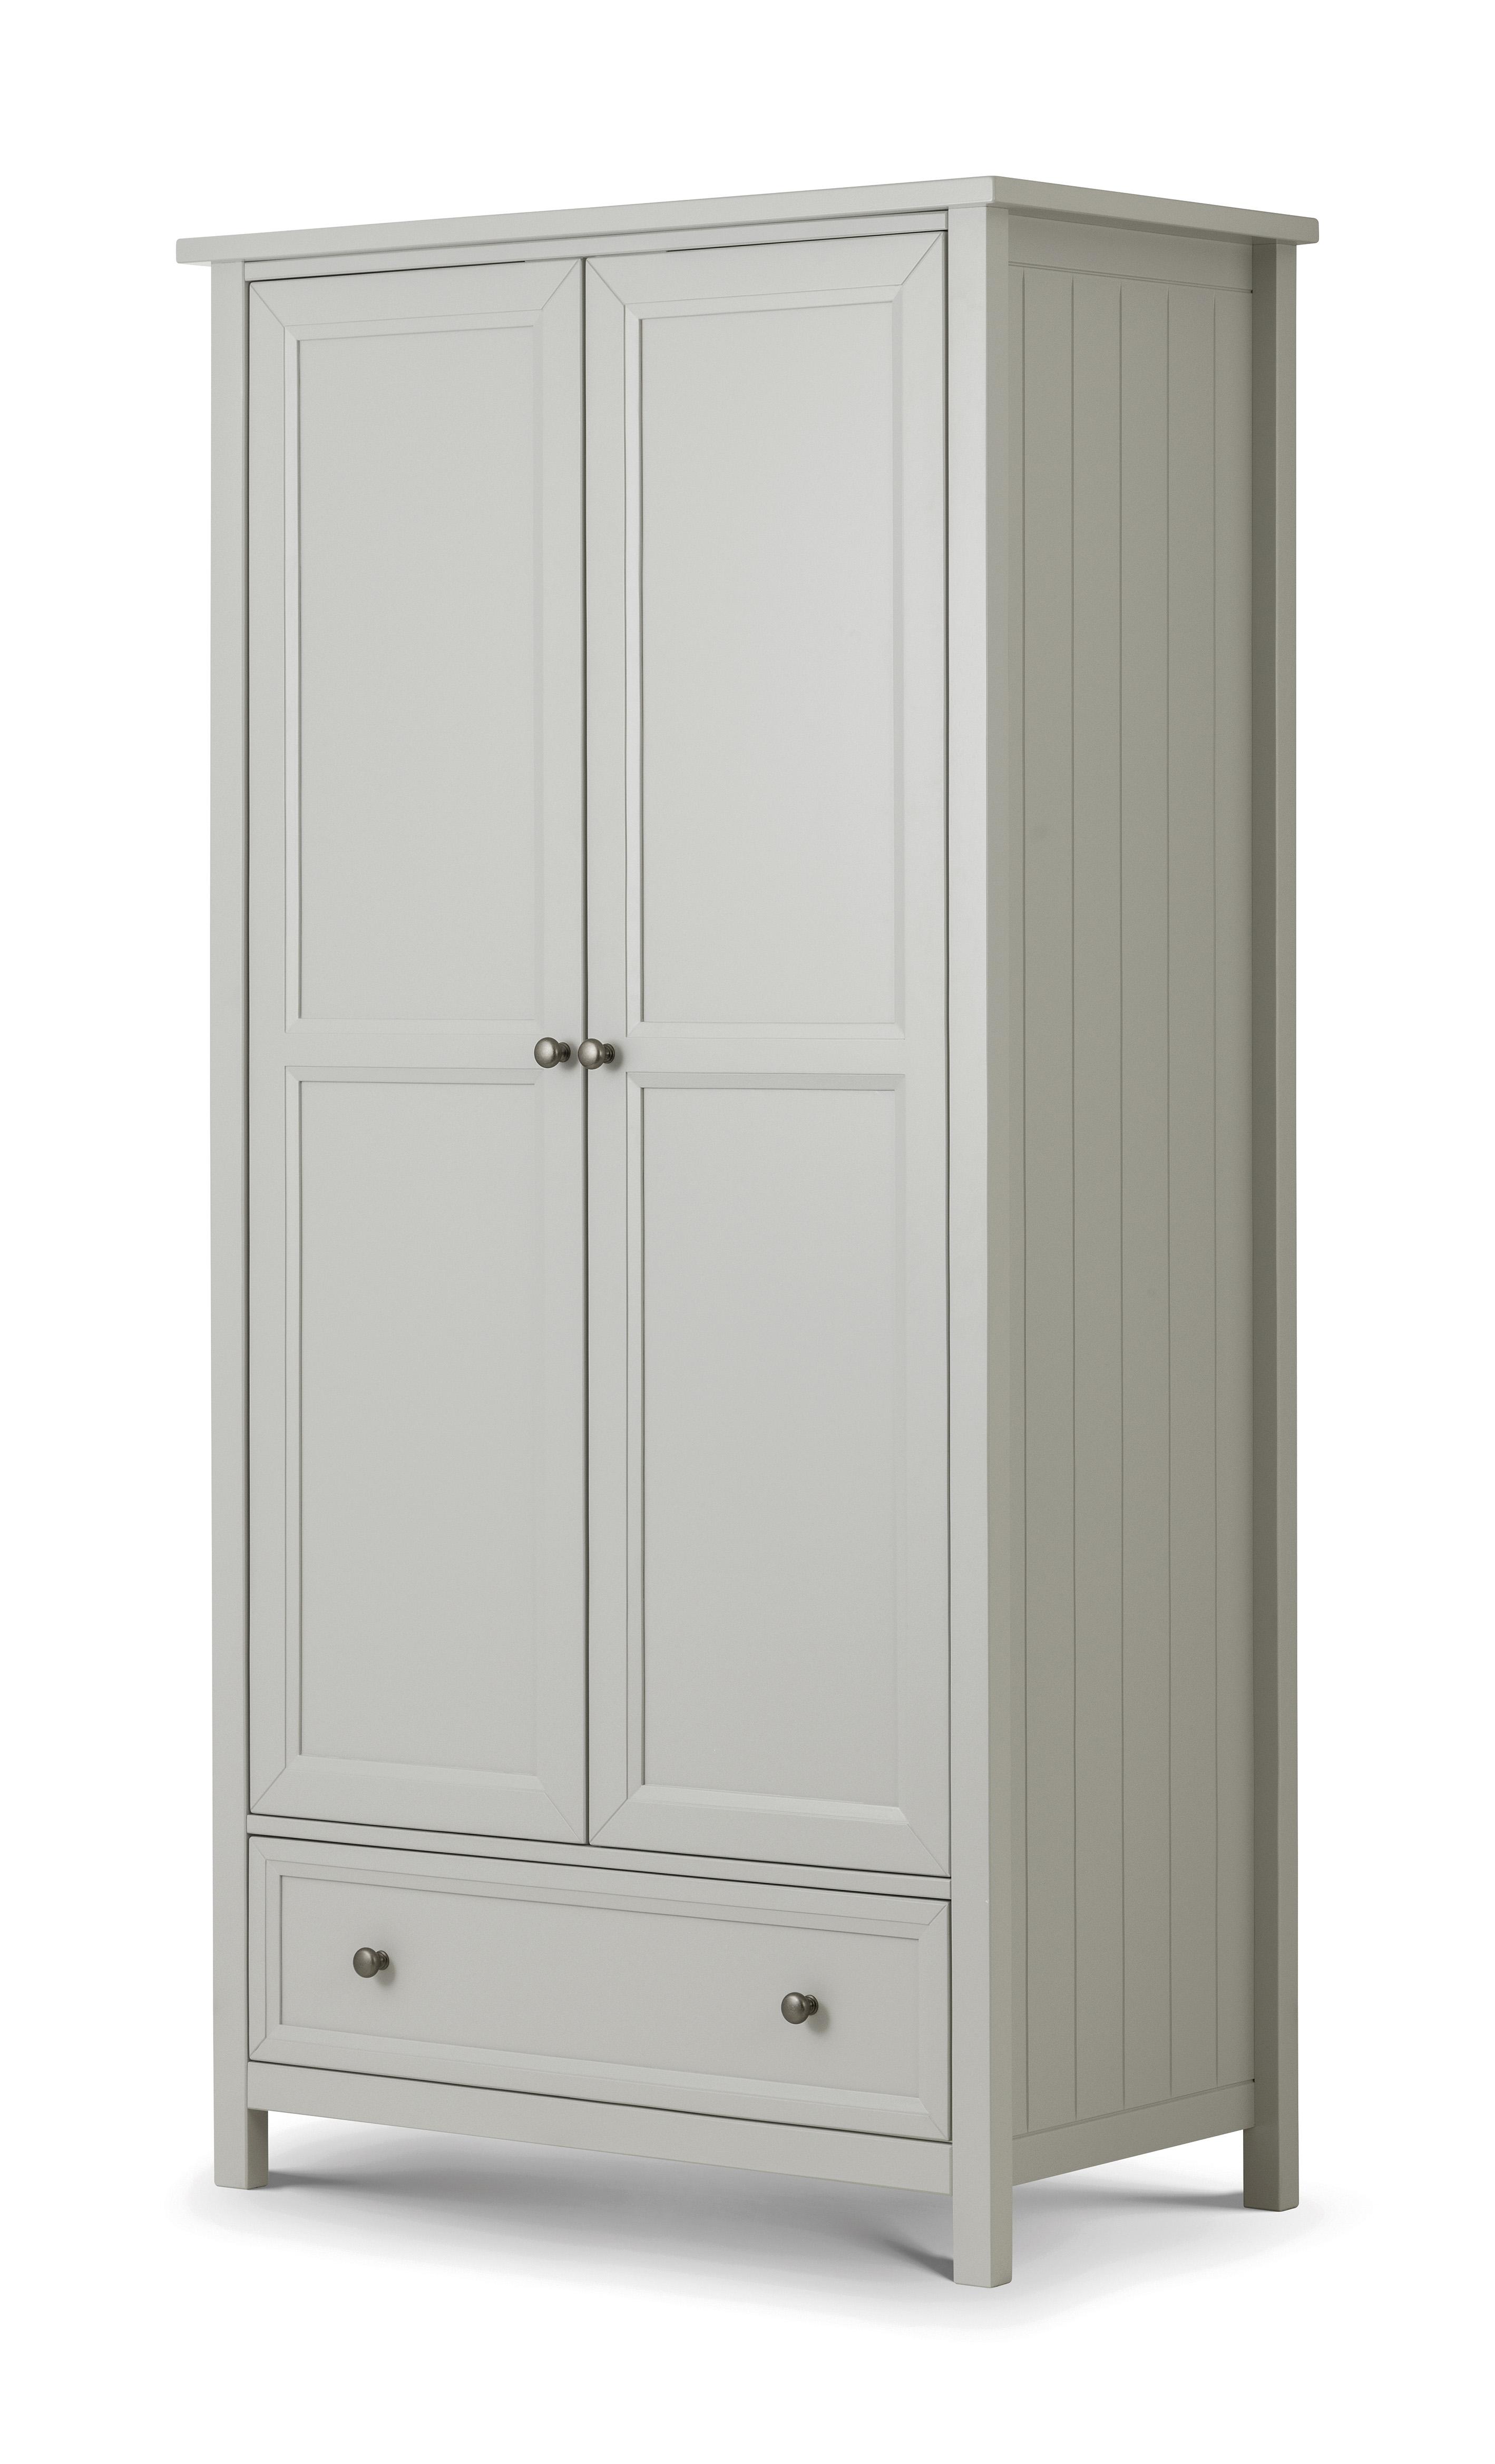 Maine 2 Door Combination Wardrobe  sc 1 st  Atkins Beds \u0026 Furniture & Maine 2 Door Combination Wardrobe - Atkins Beds \u0026 Furniture - Brand ...